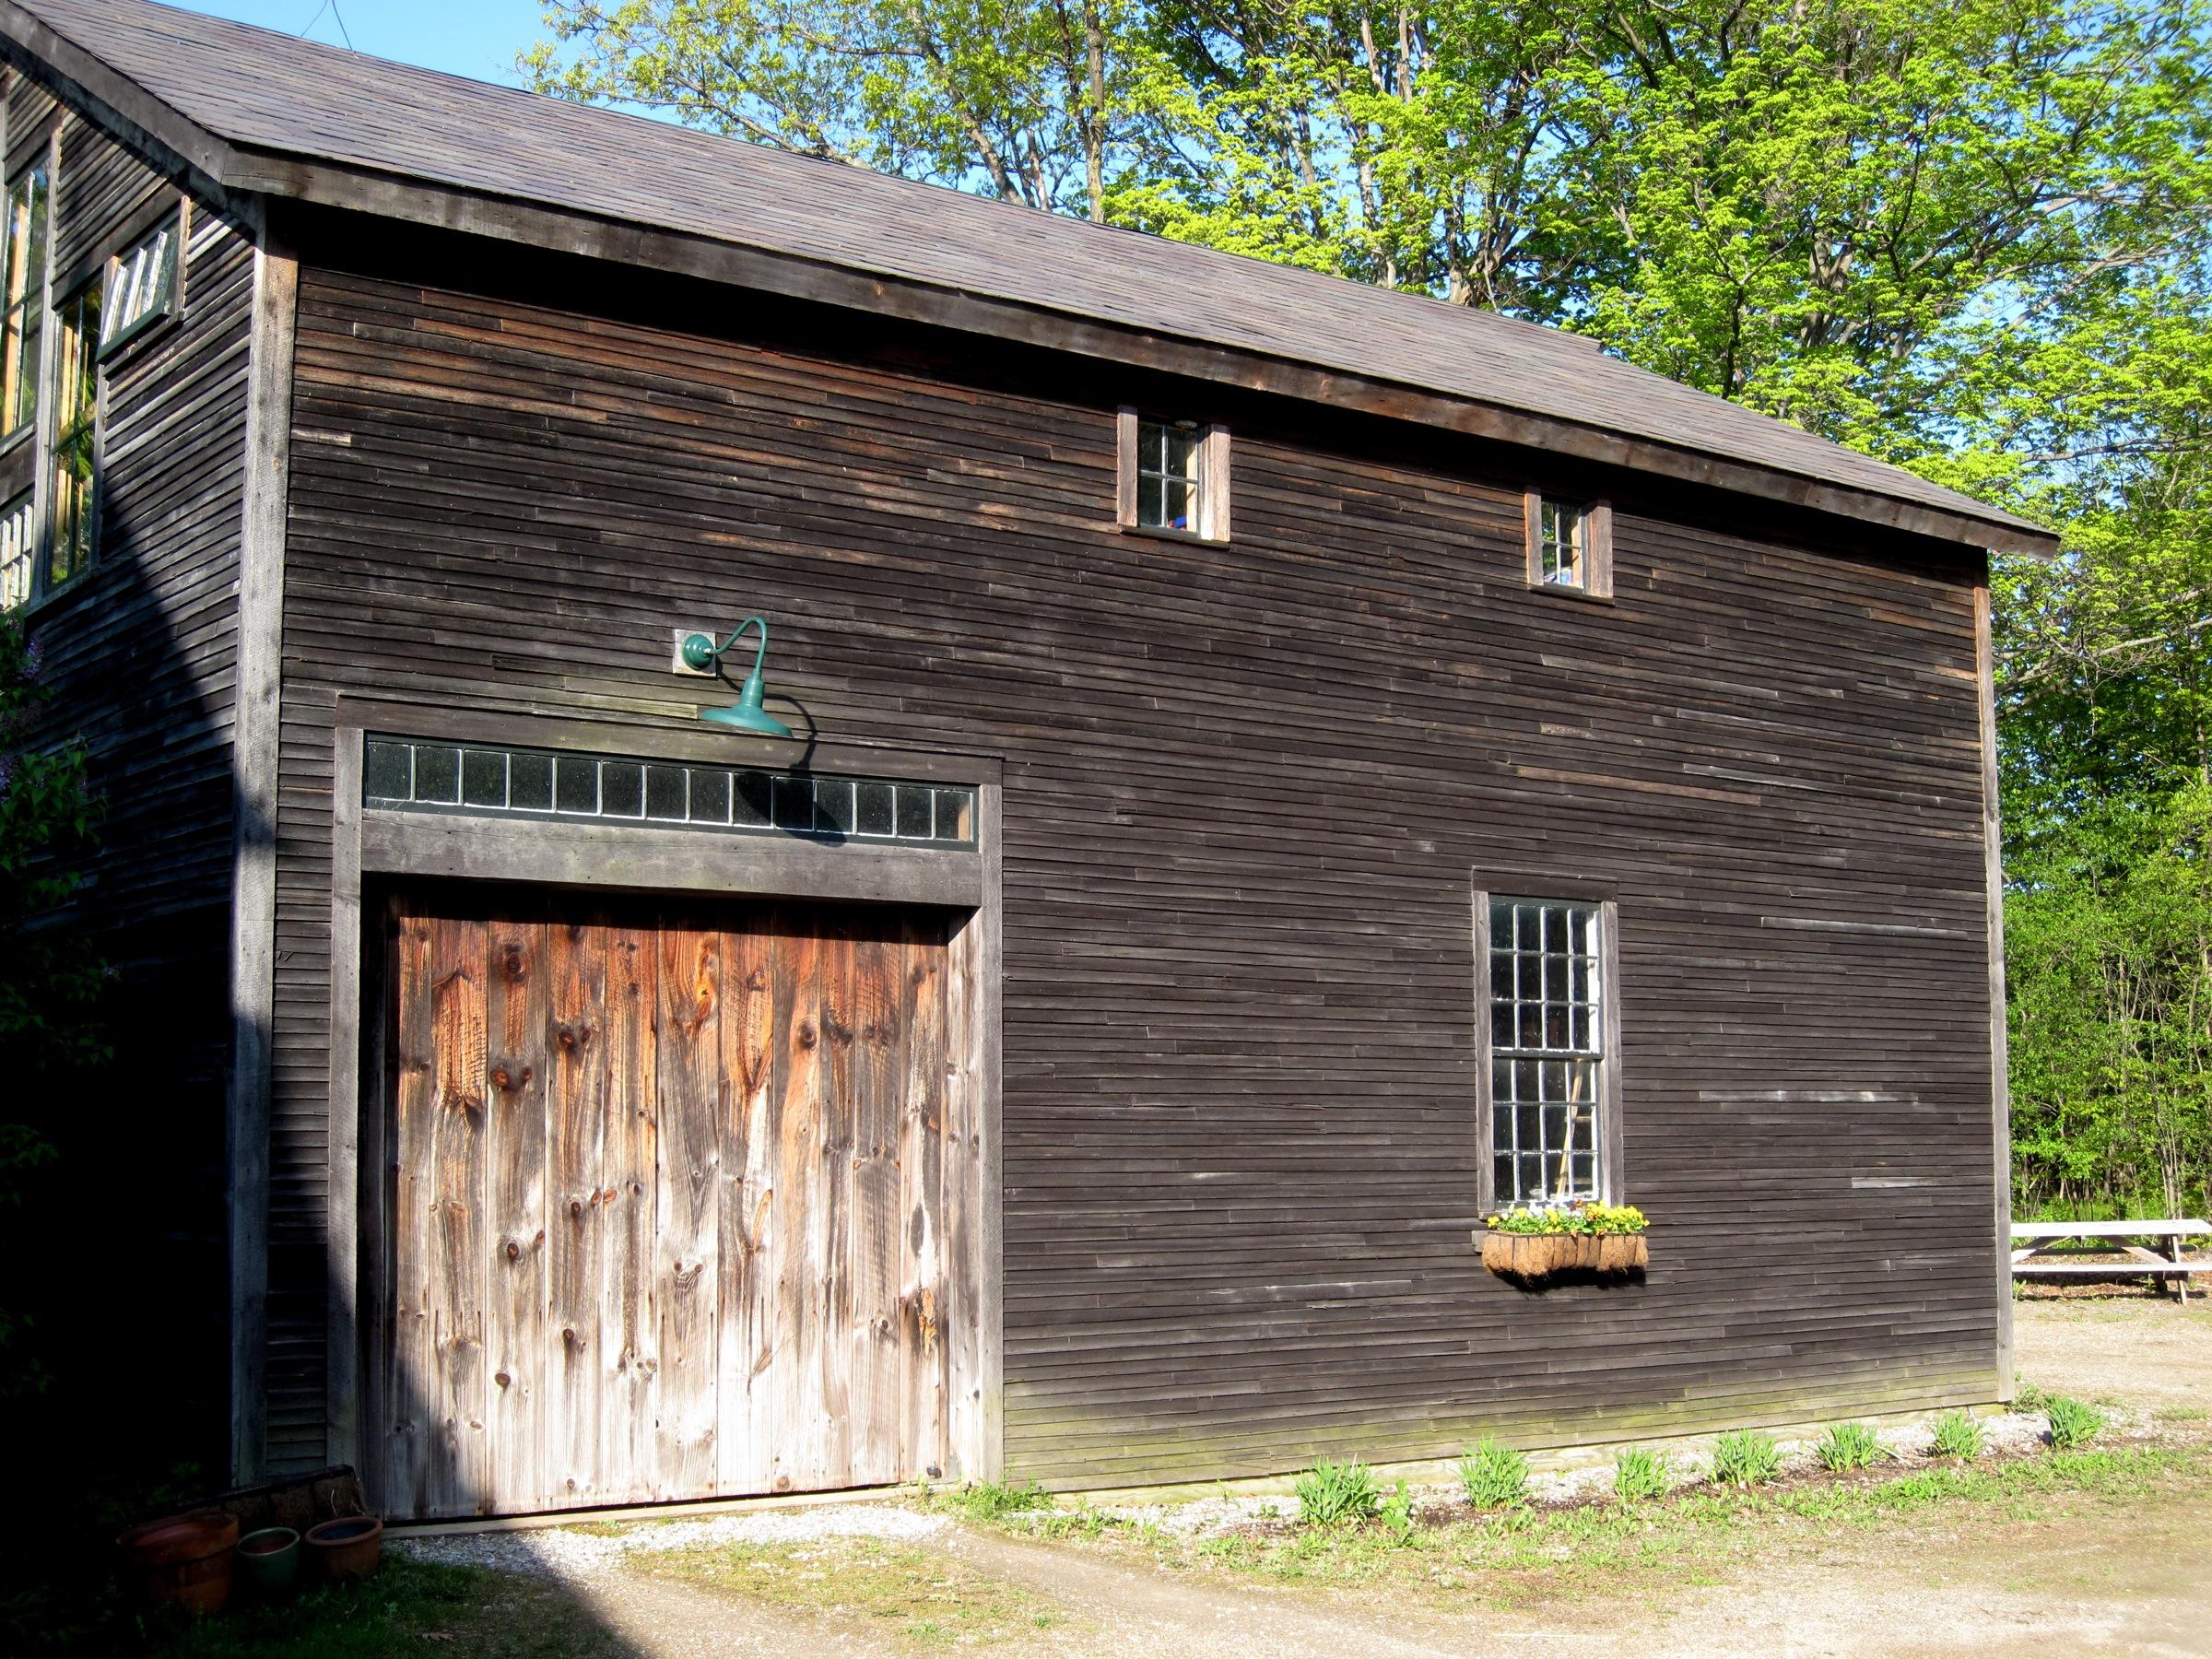 Fotos gratis : edificio, granero, cobertizo, choza, fachada ...